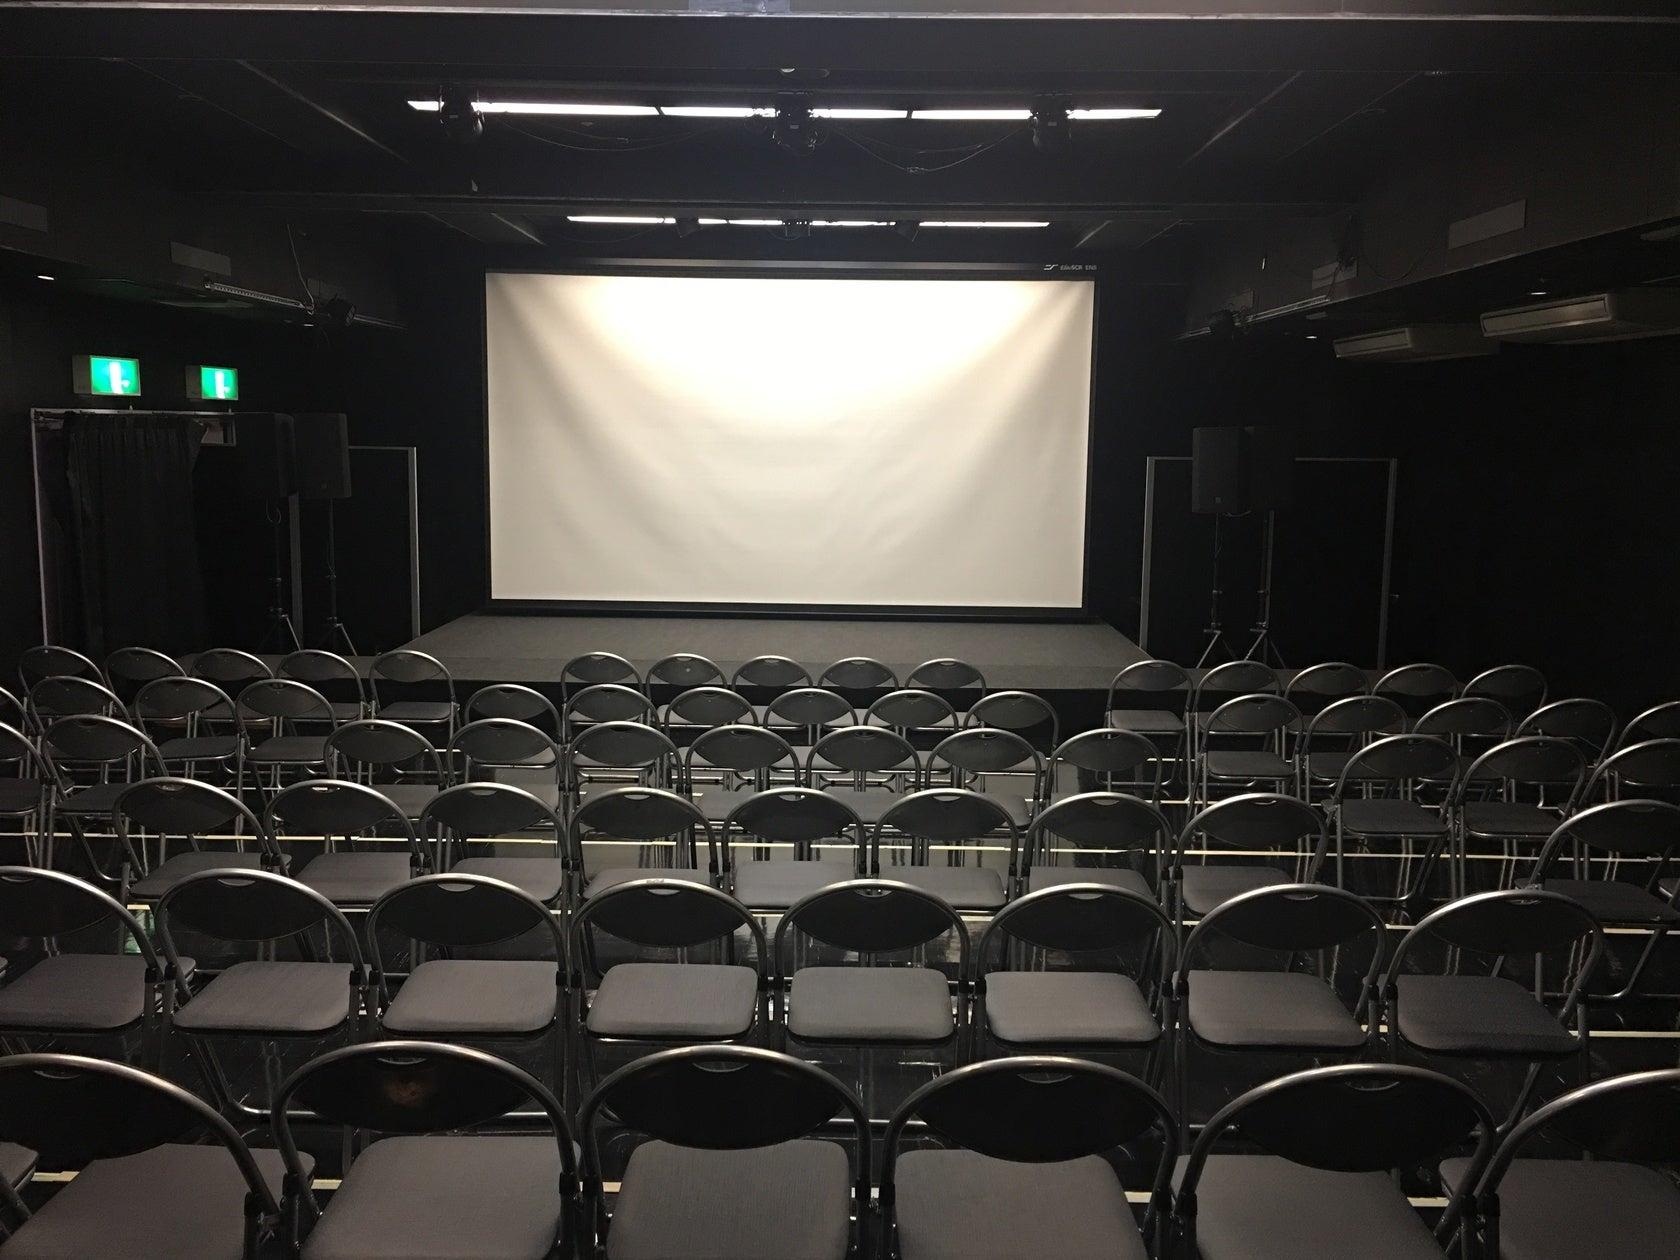 映画上映から会議まで、さまざまなイベントにご利用できます! の写真